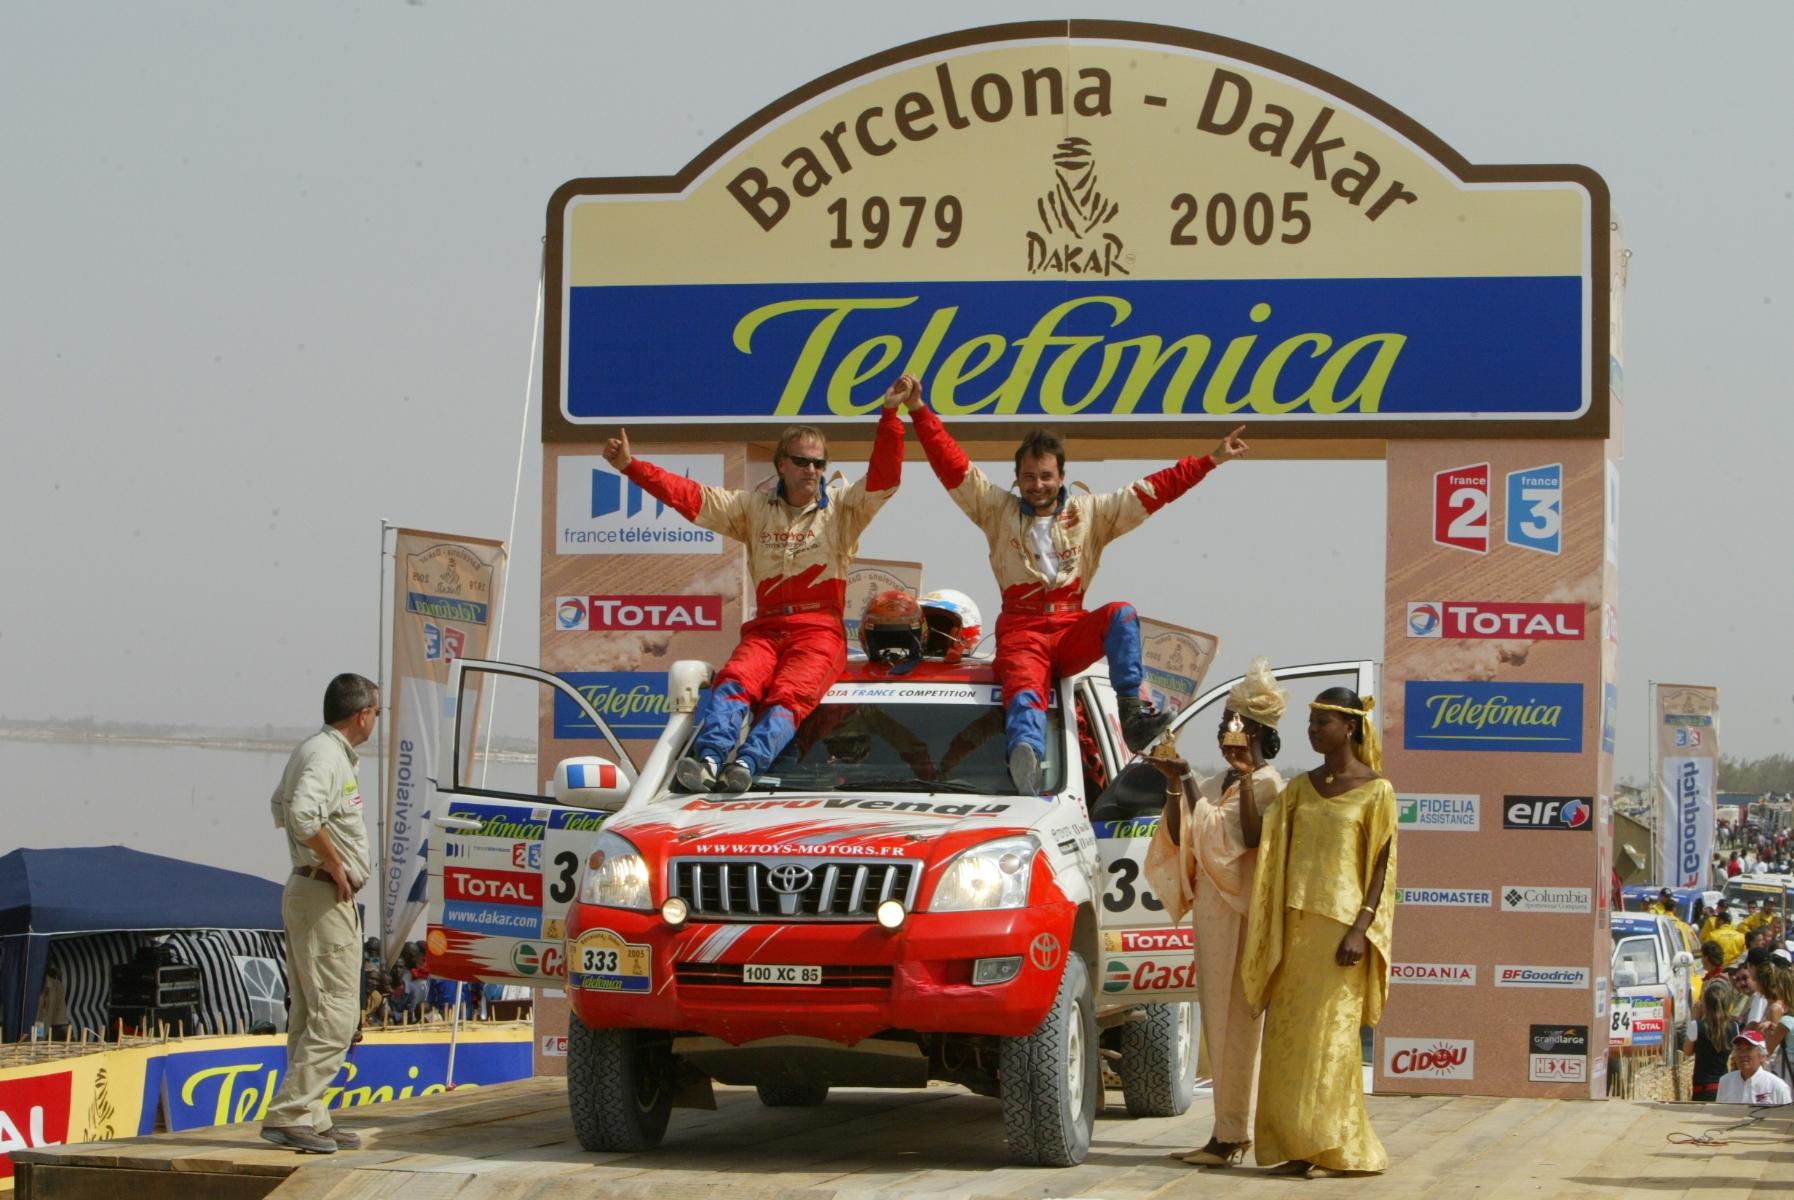 18-2005-dakar_